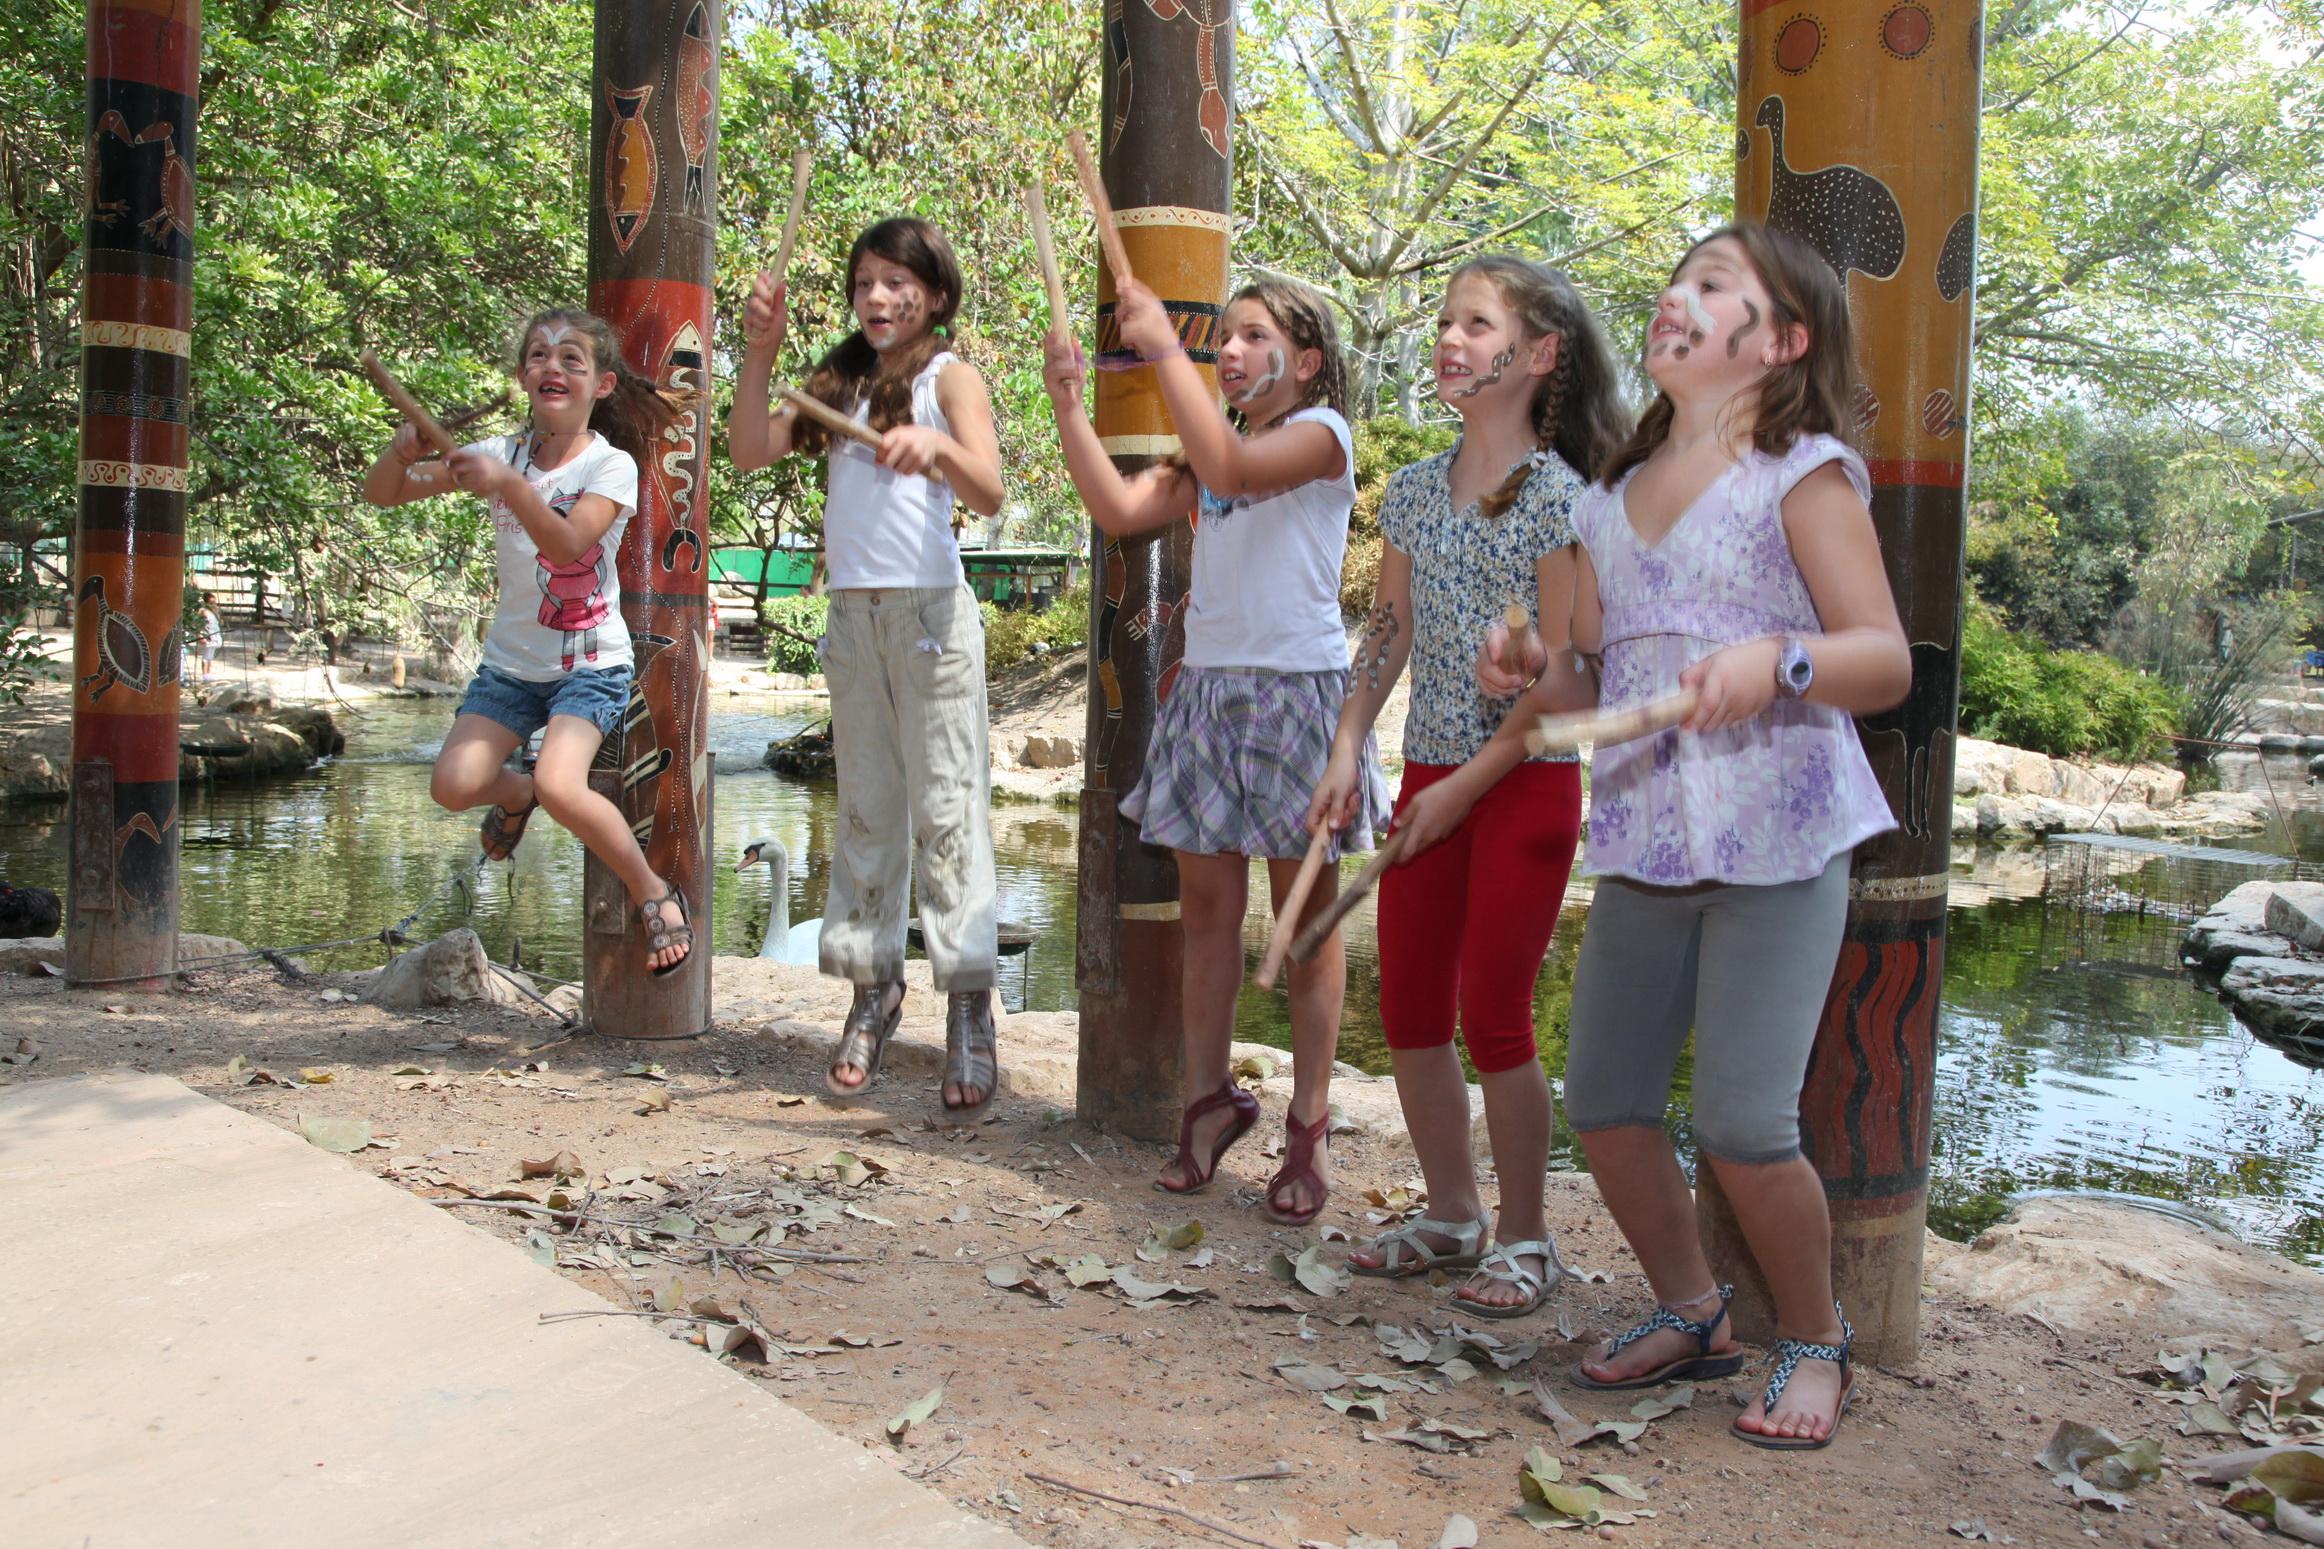 להפוך לאבוריג'ינים בסוכות, גן גורו (צילום: אילן לורנצי)